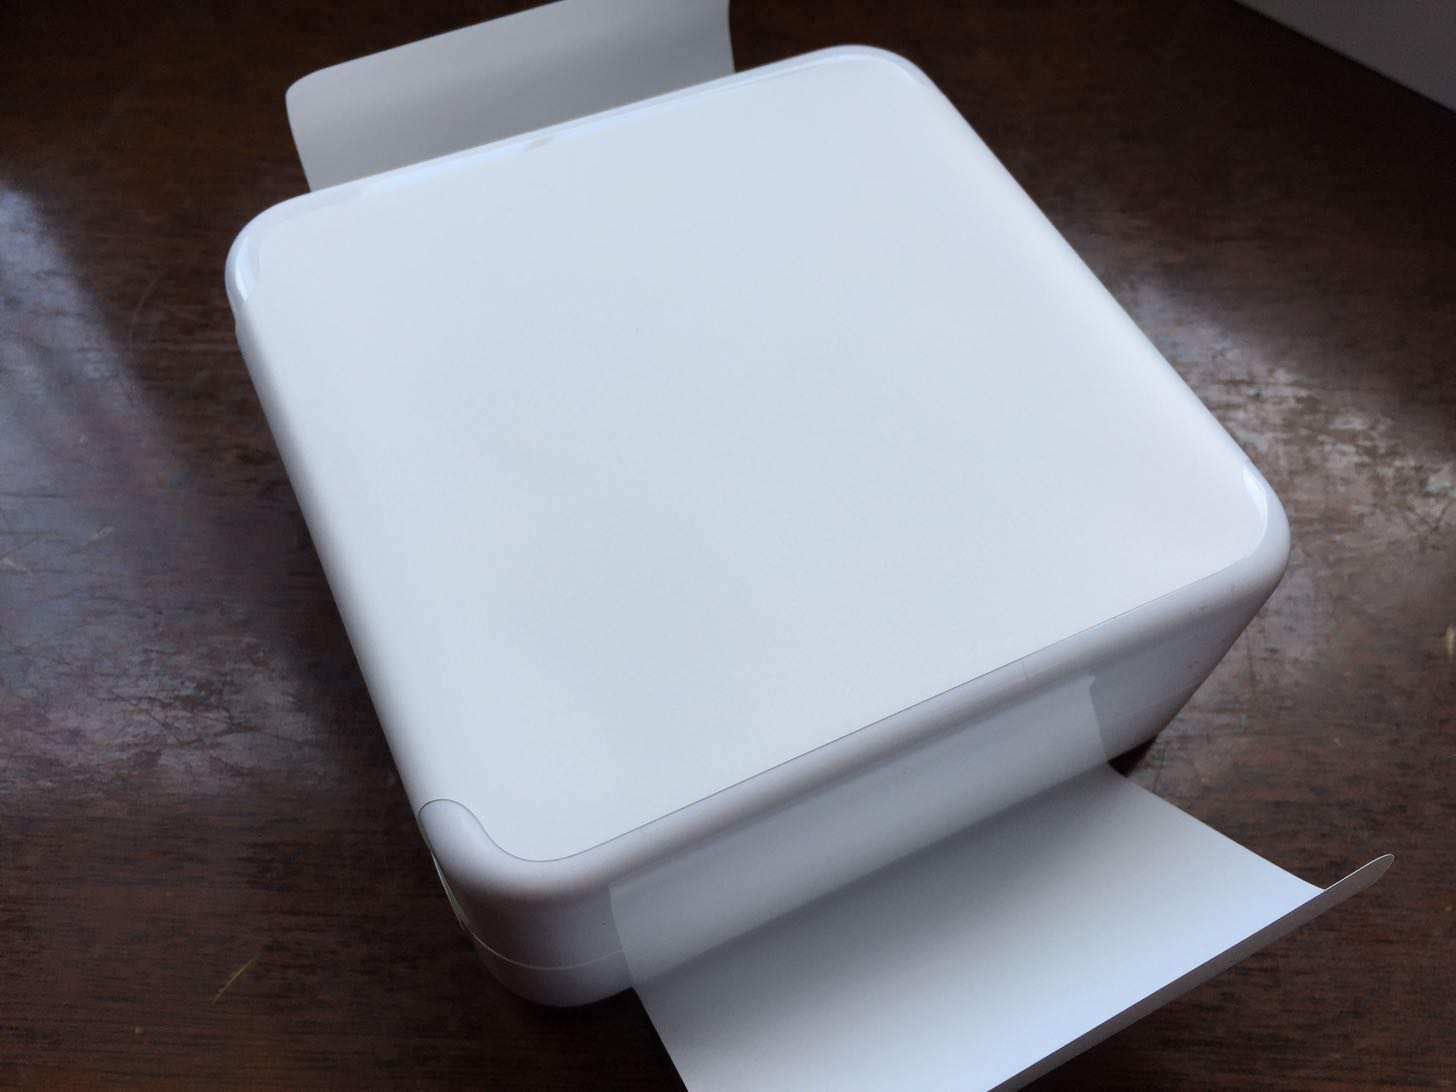 Apple Watchのプラスチックの箱